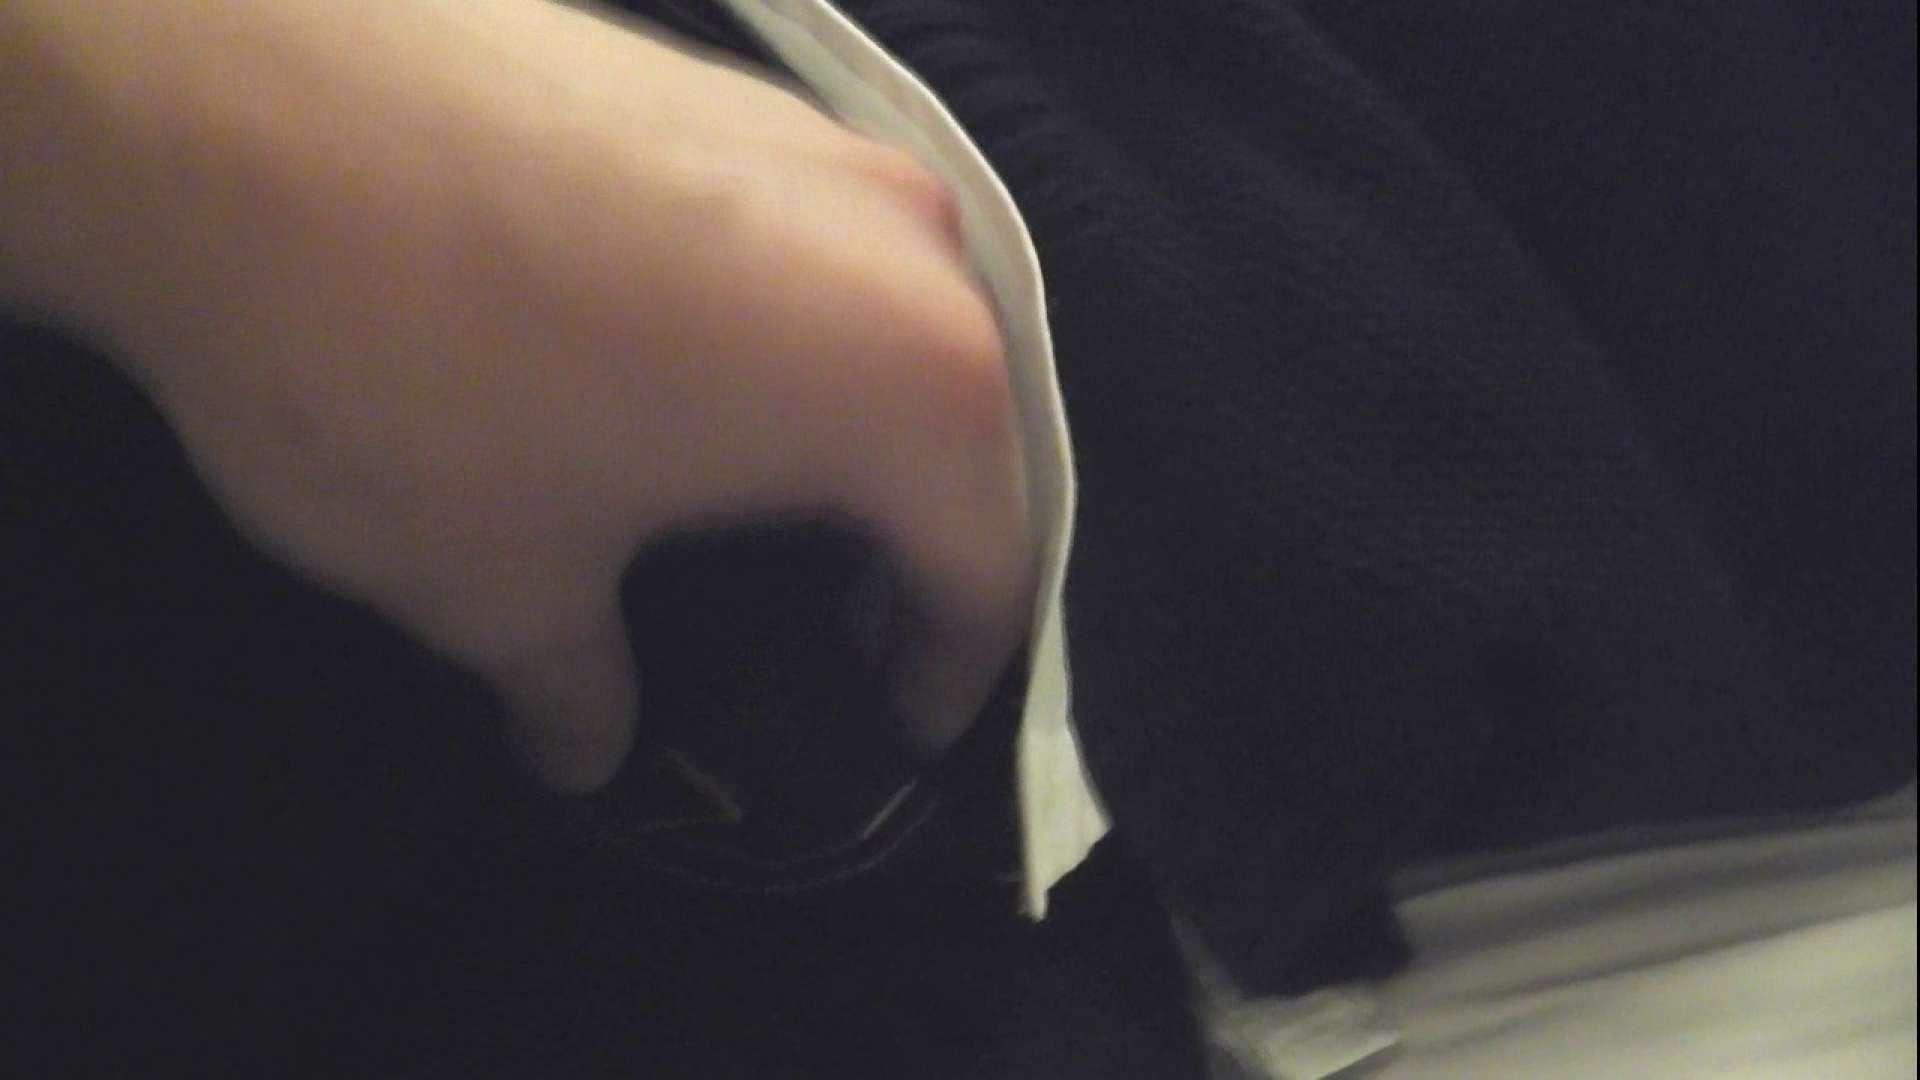 オナニーでほえろ なんじゃこりゃぁあ!!Vol.04 スリム美少年系ジャニ系   人気シリーズ  82pic 20